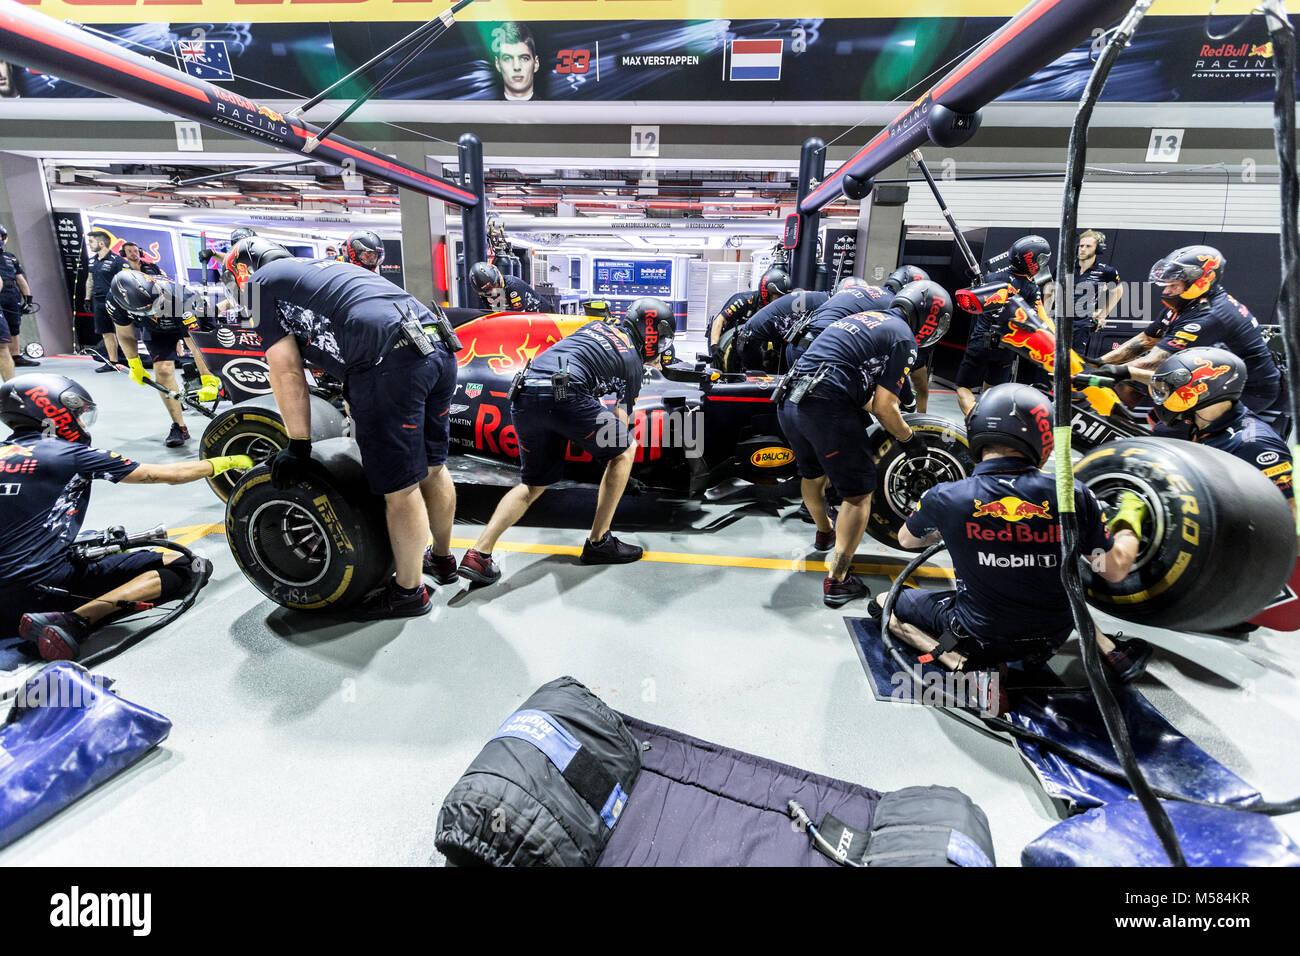 La formule un F1 Red Bull pit crew travaillant sur le garage au cours de pit stop Banque D'Images